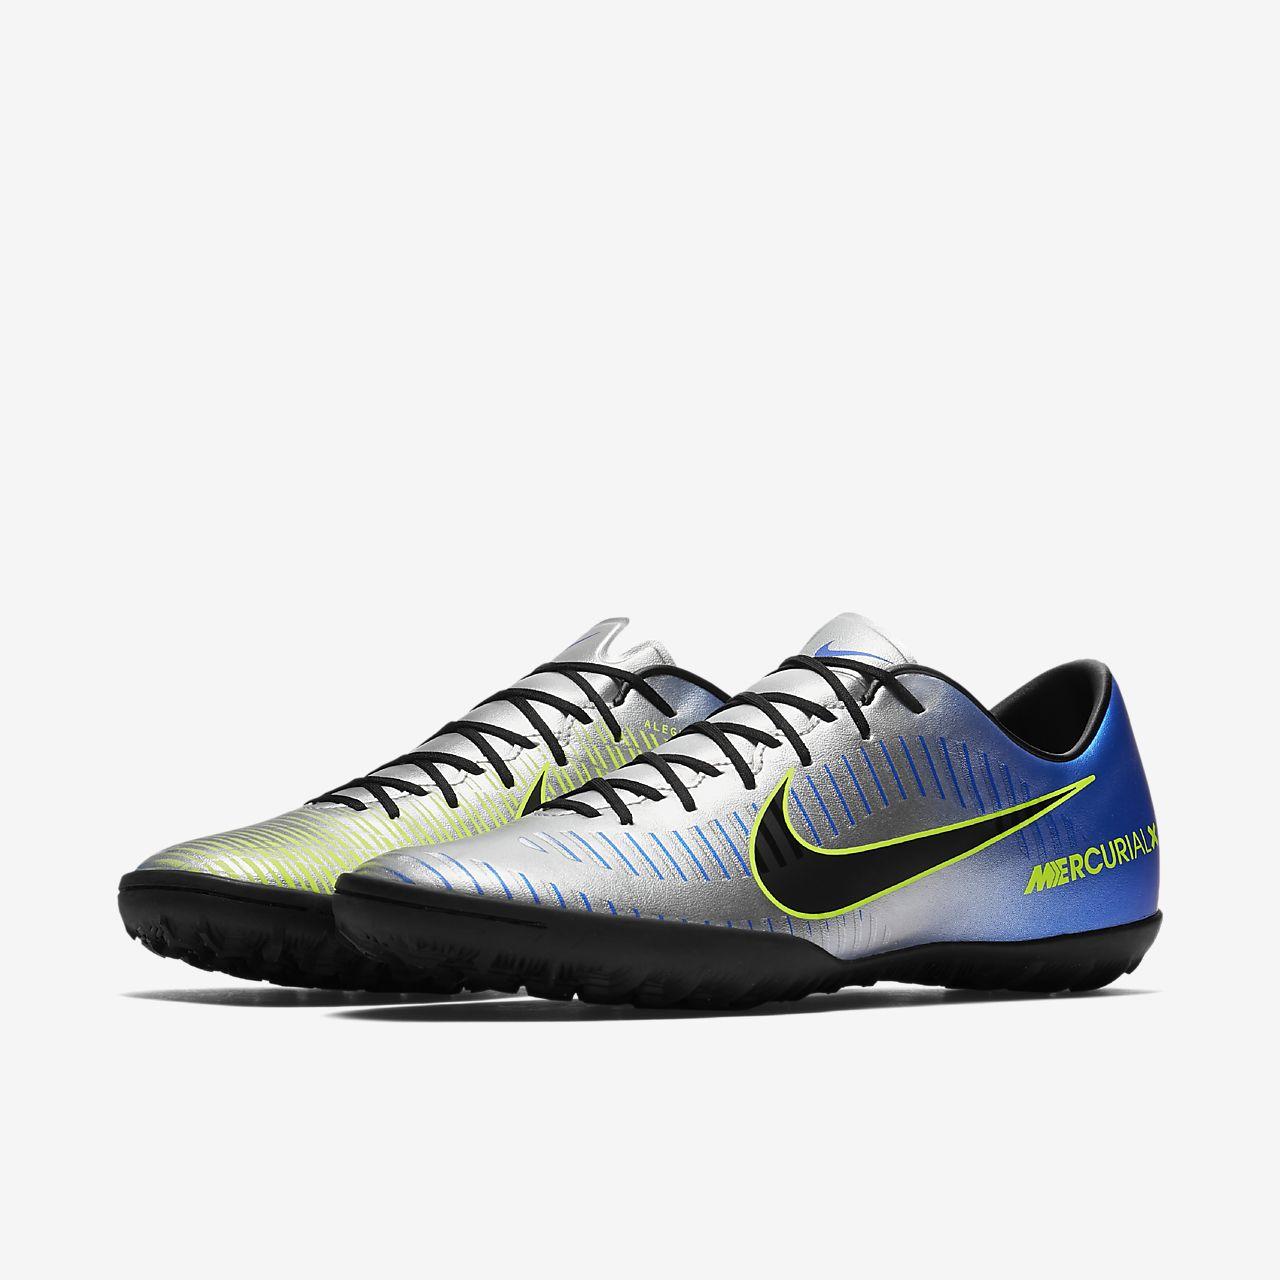 ... Nike MercurialX Victory VI Neymar Artificial-Turf Football Shoe